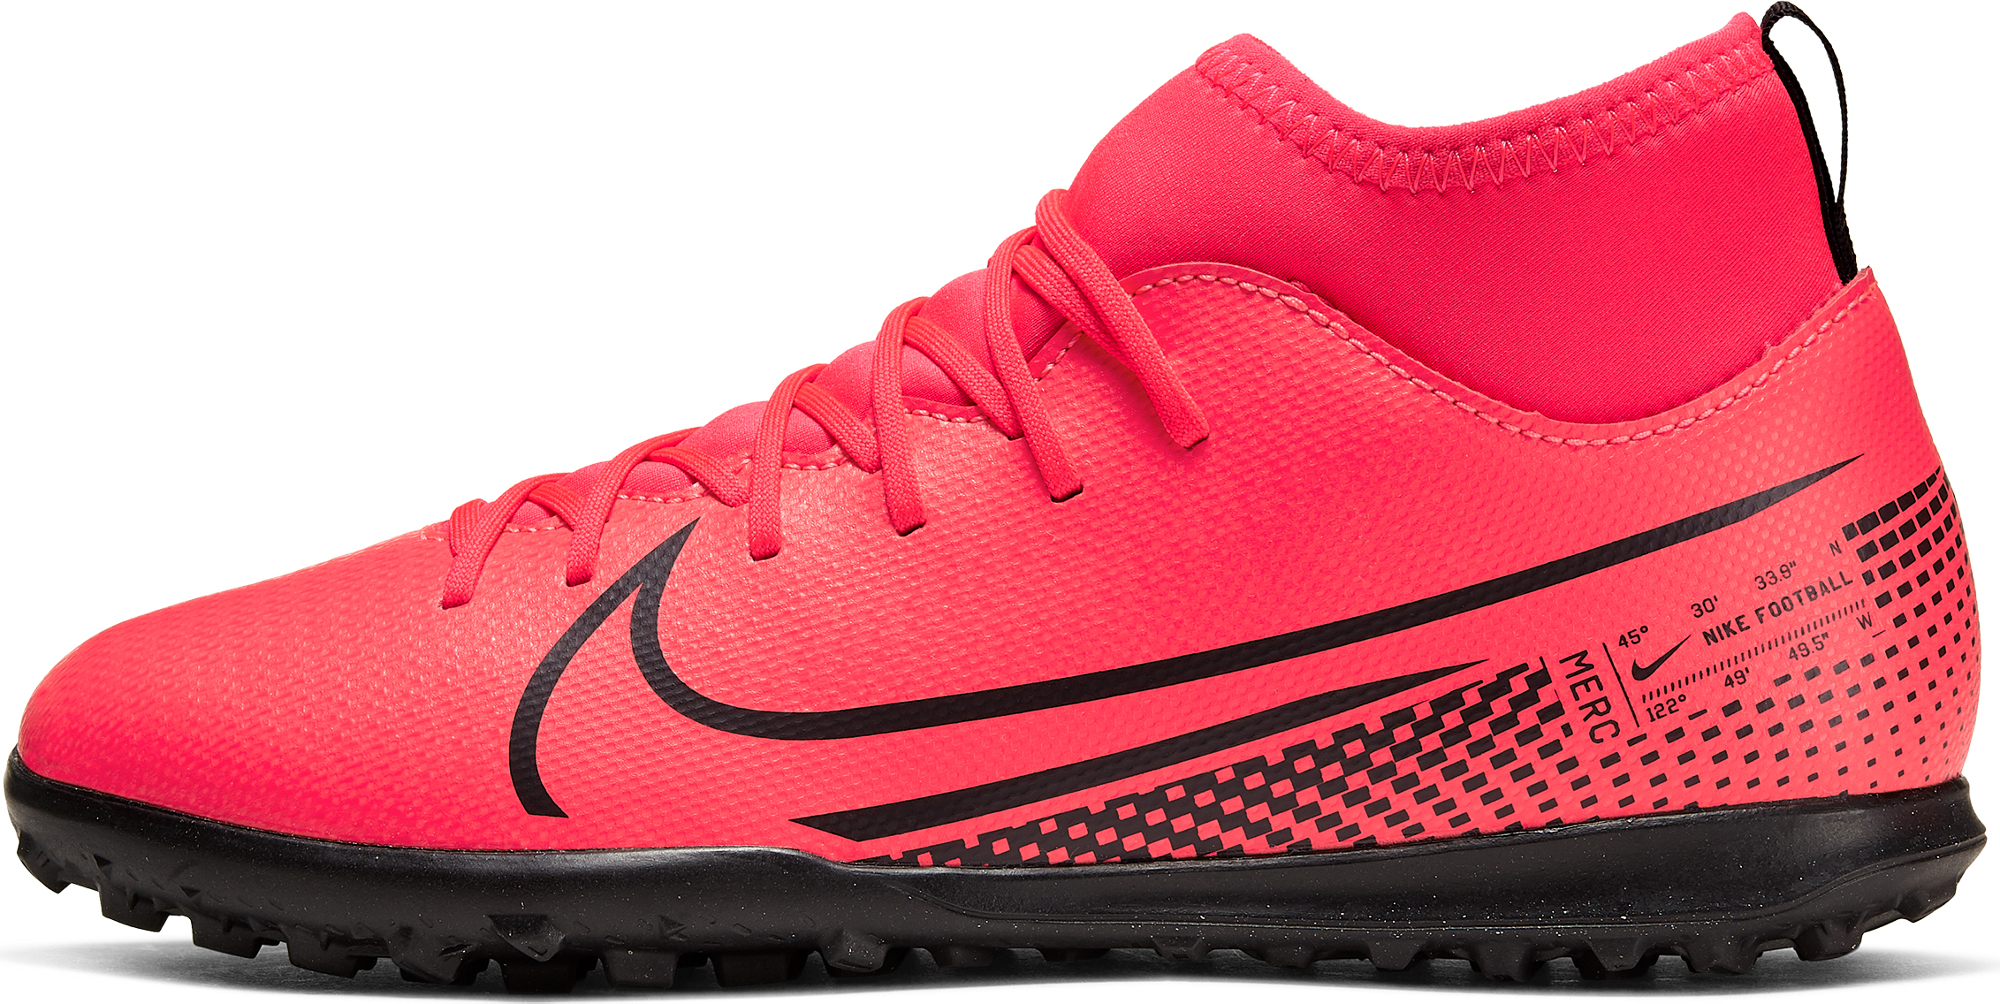 Nike Бутсы для мальчиков Nike Superfly 7 Club TF, размер 35 цена 2017